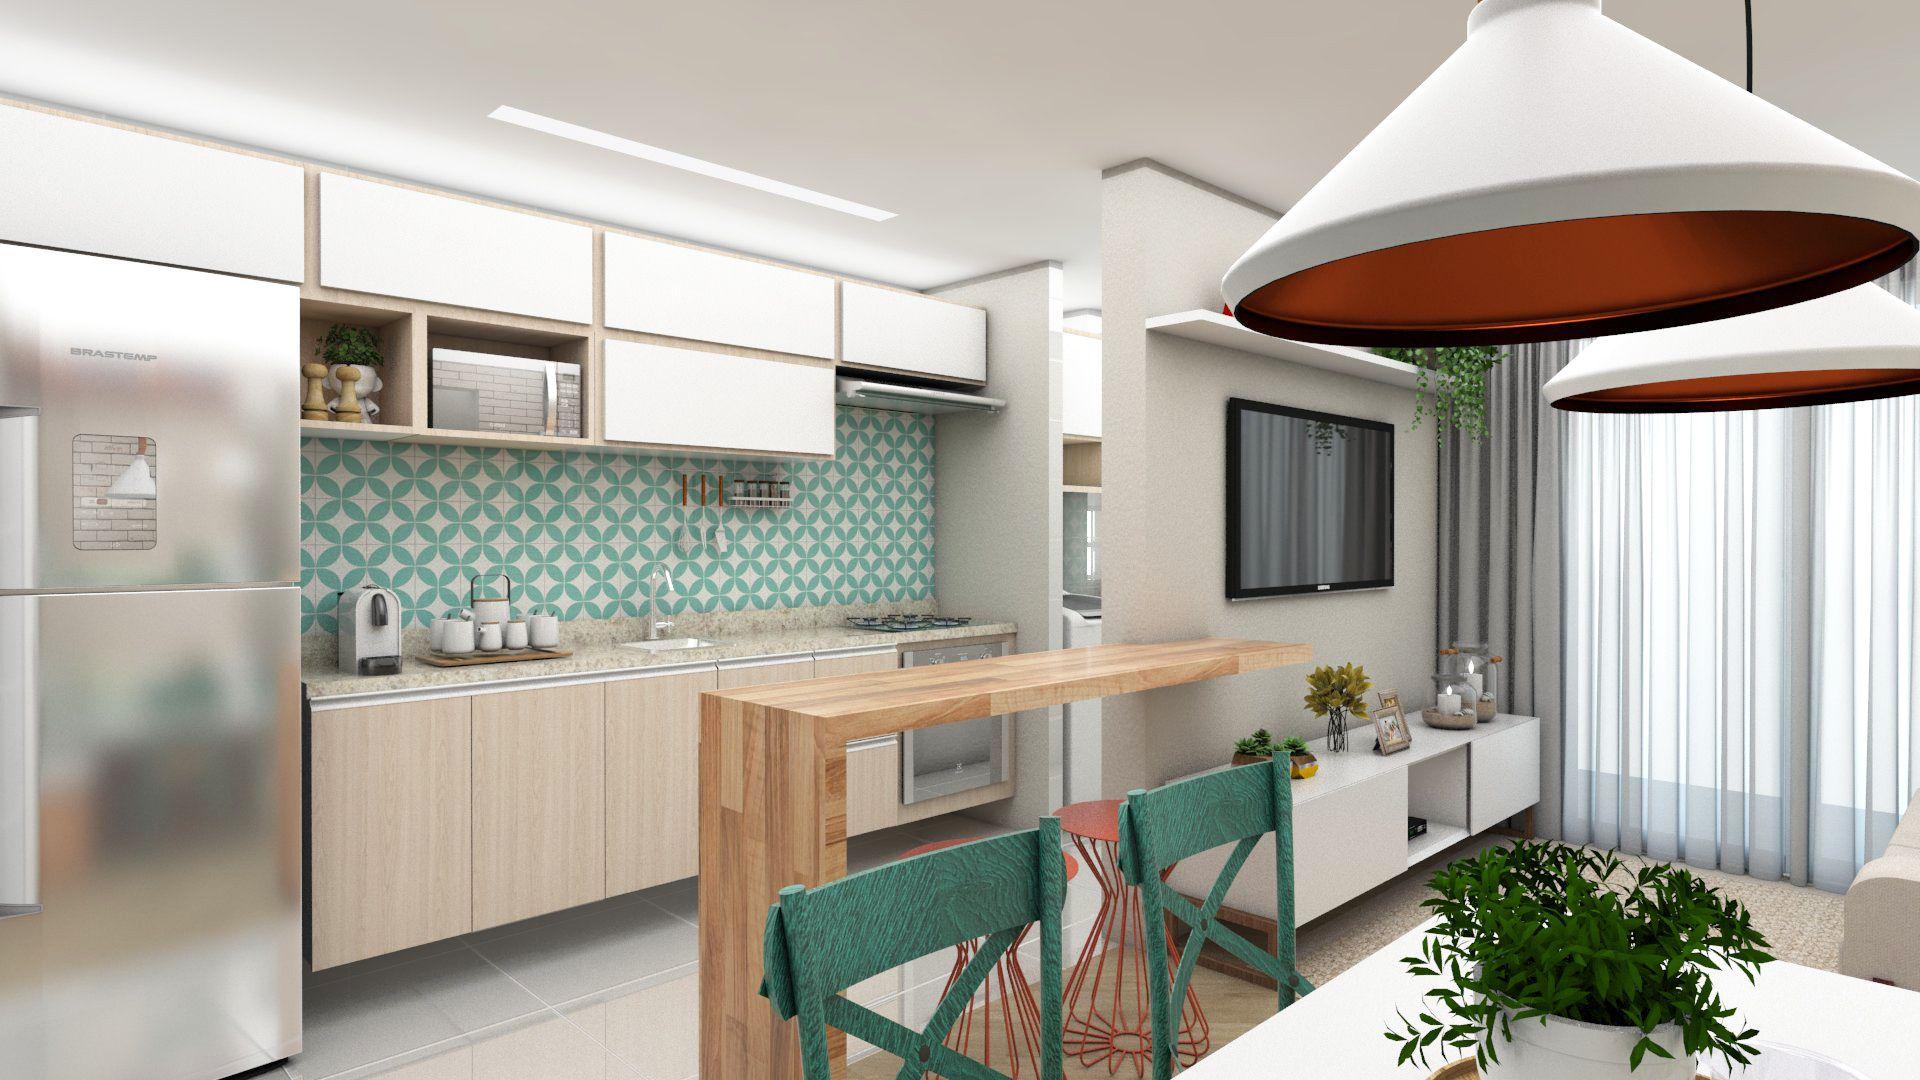 Cozinha Clean E Moderna Projeto Autoral Escrit Rio K Bastos